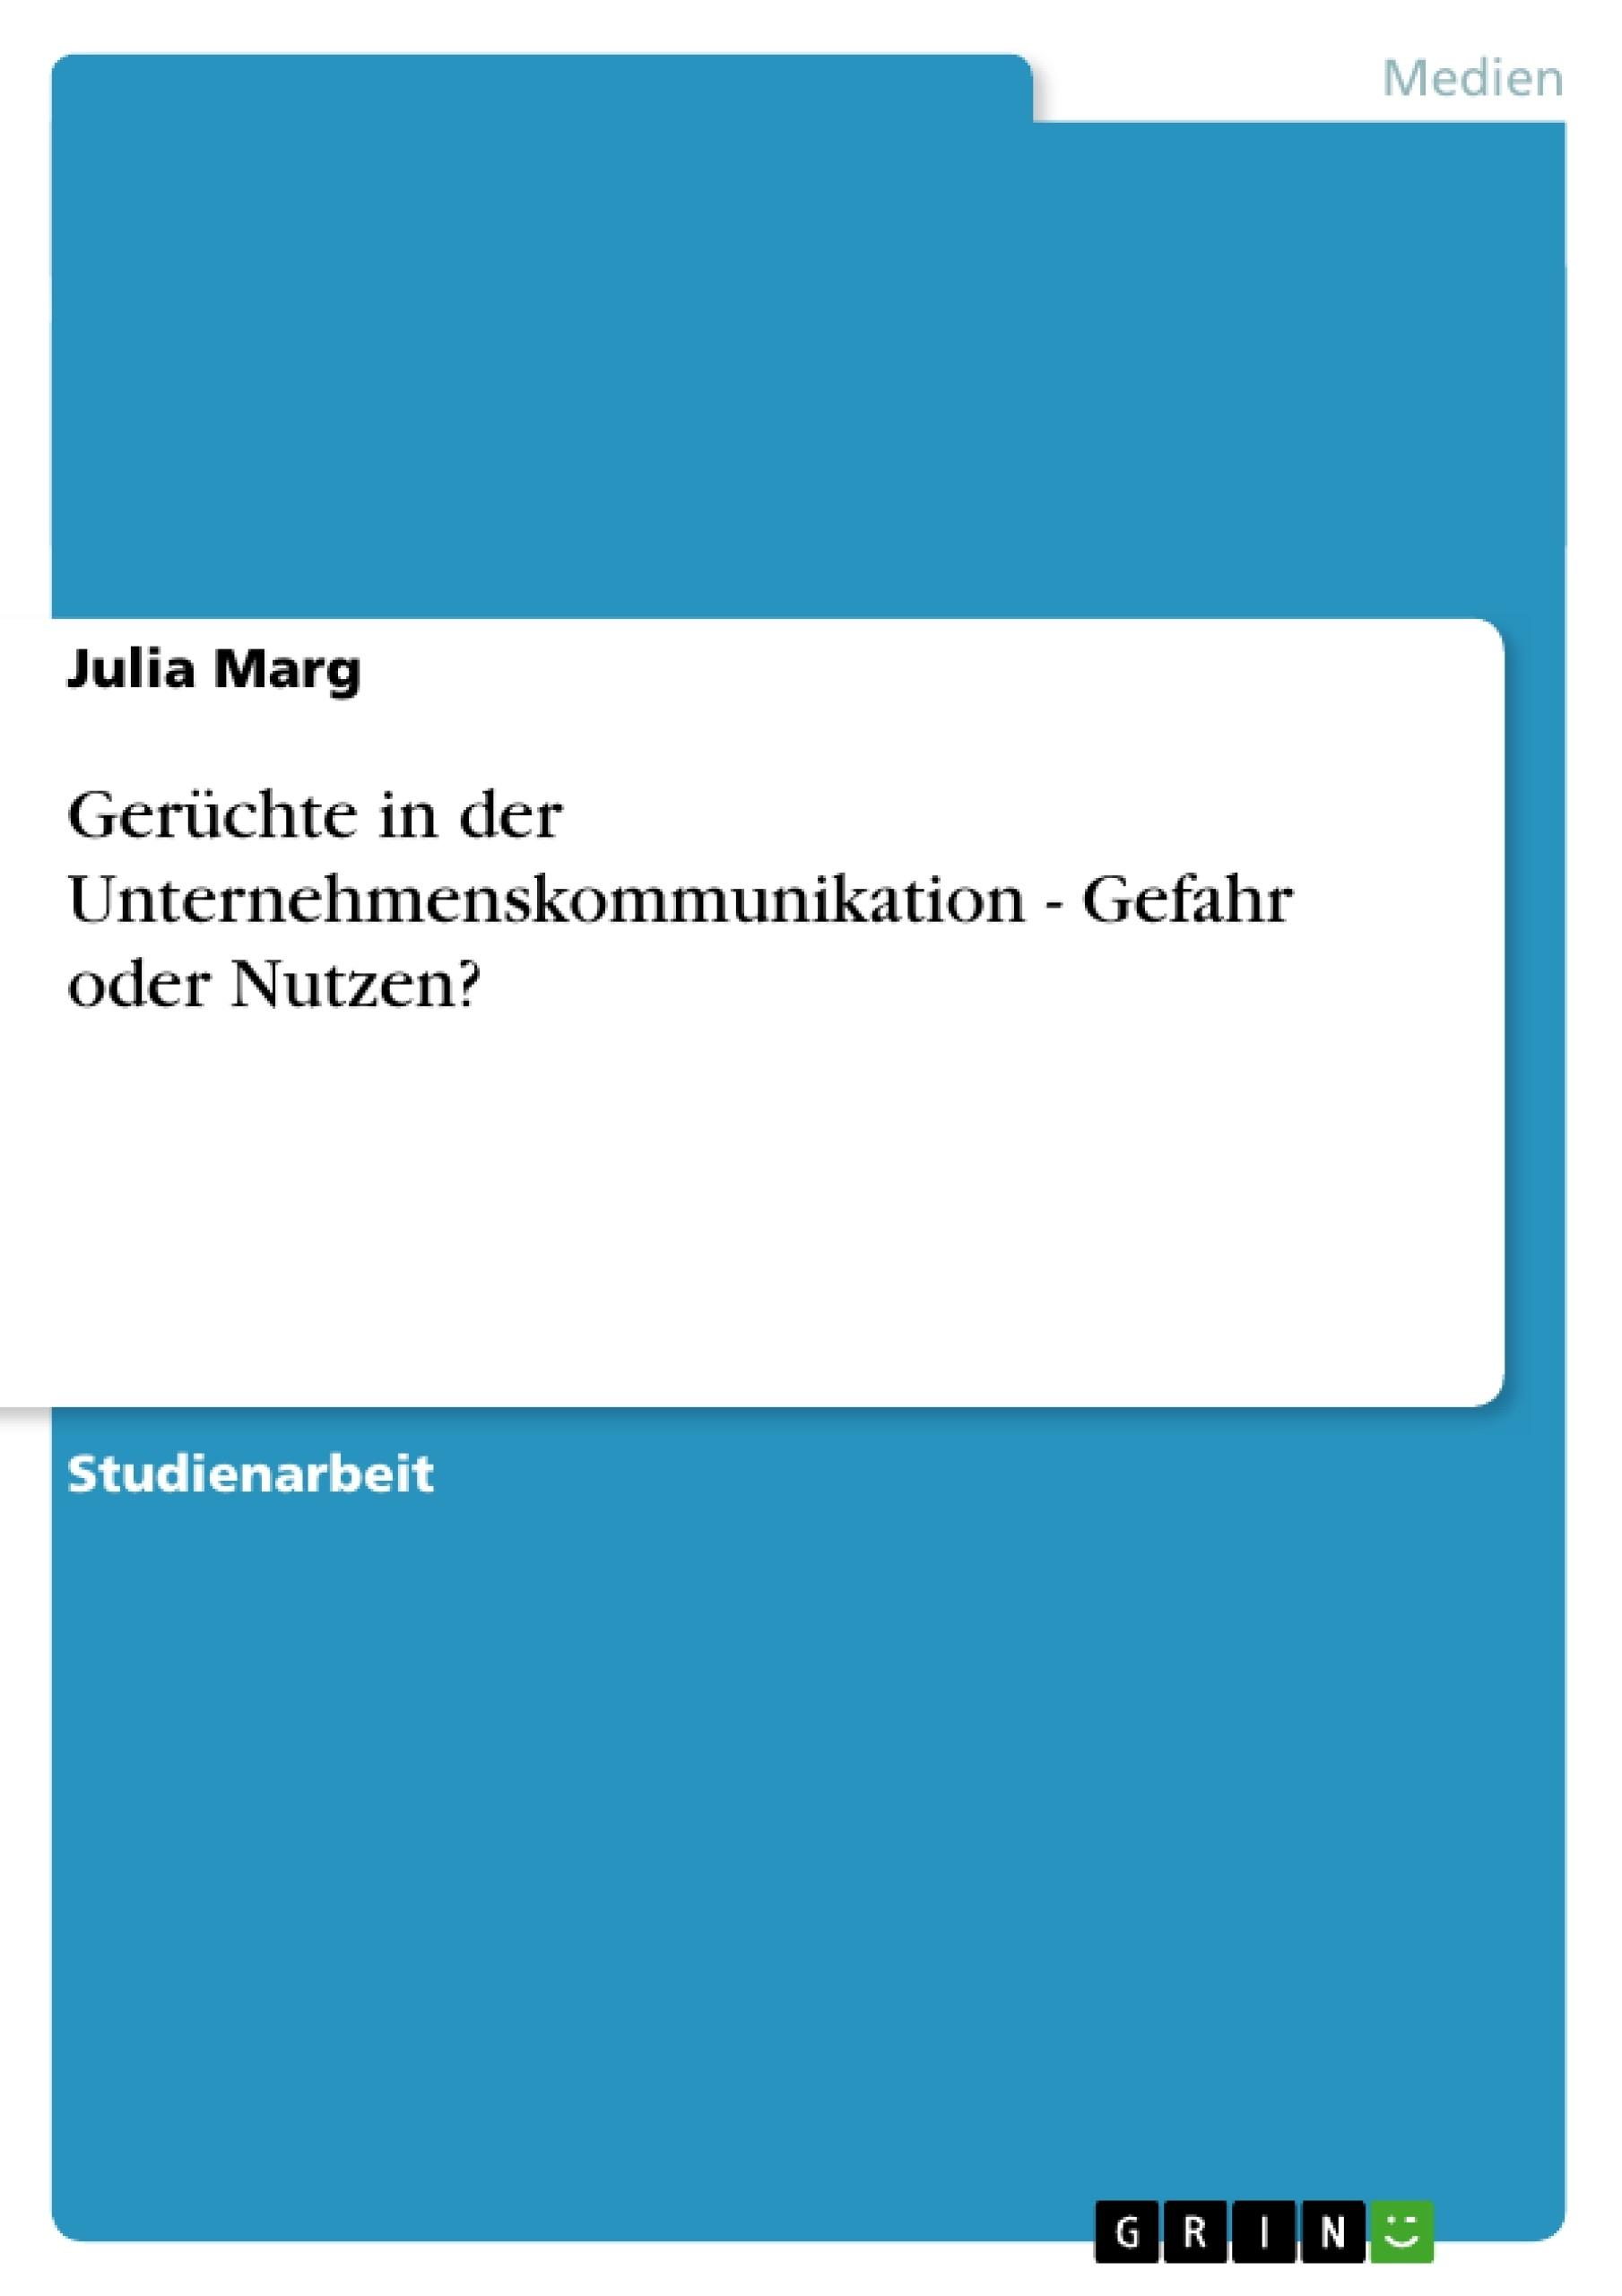 Titel: Gerüchte in der Unternehmenskommunikation - Gefahr oder Nutzen?